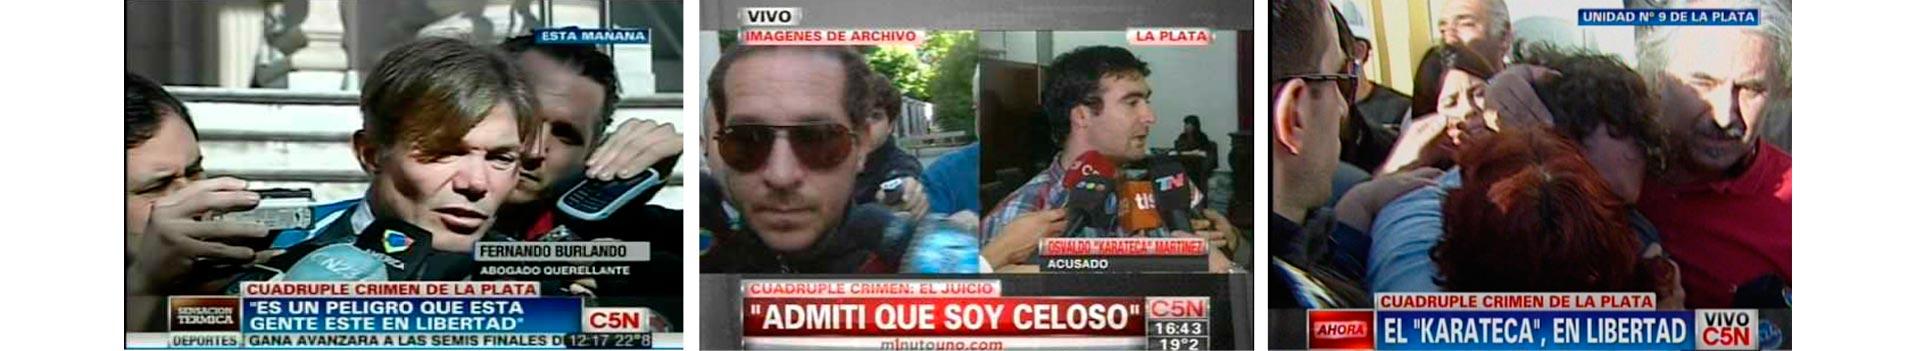 cuadruple_crimen_05_caja